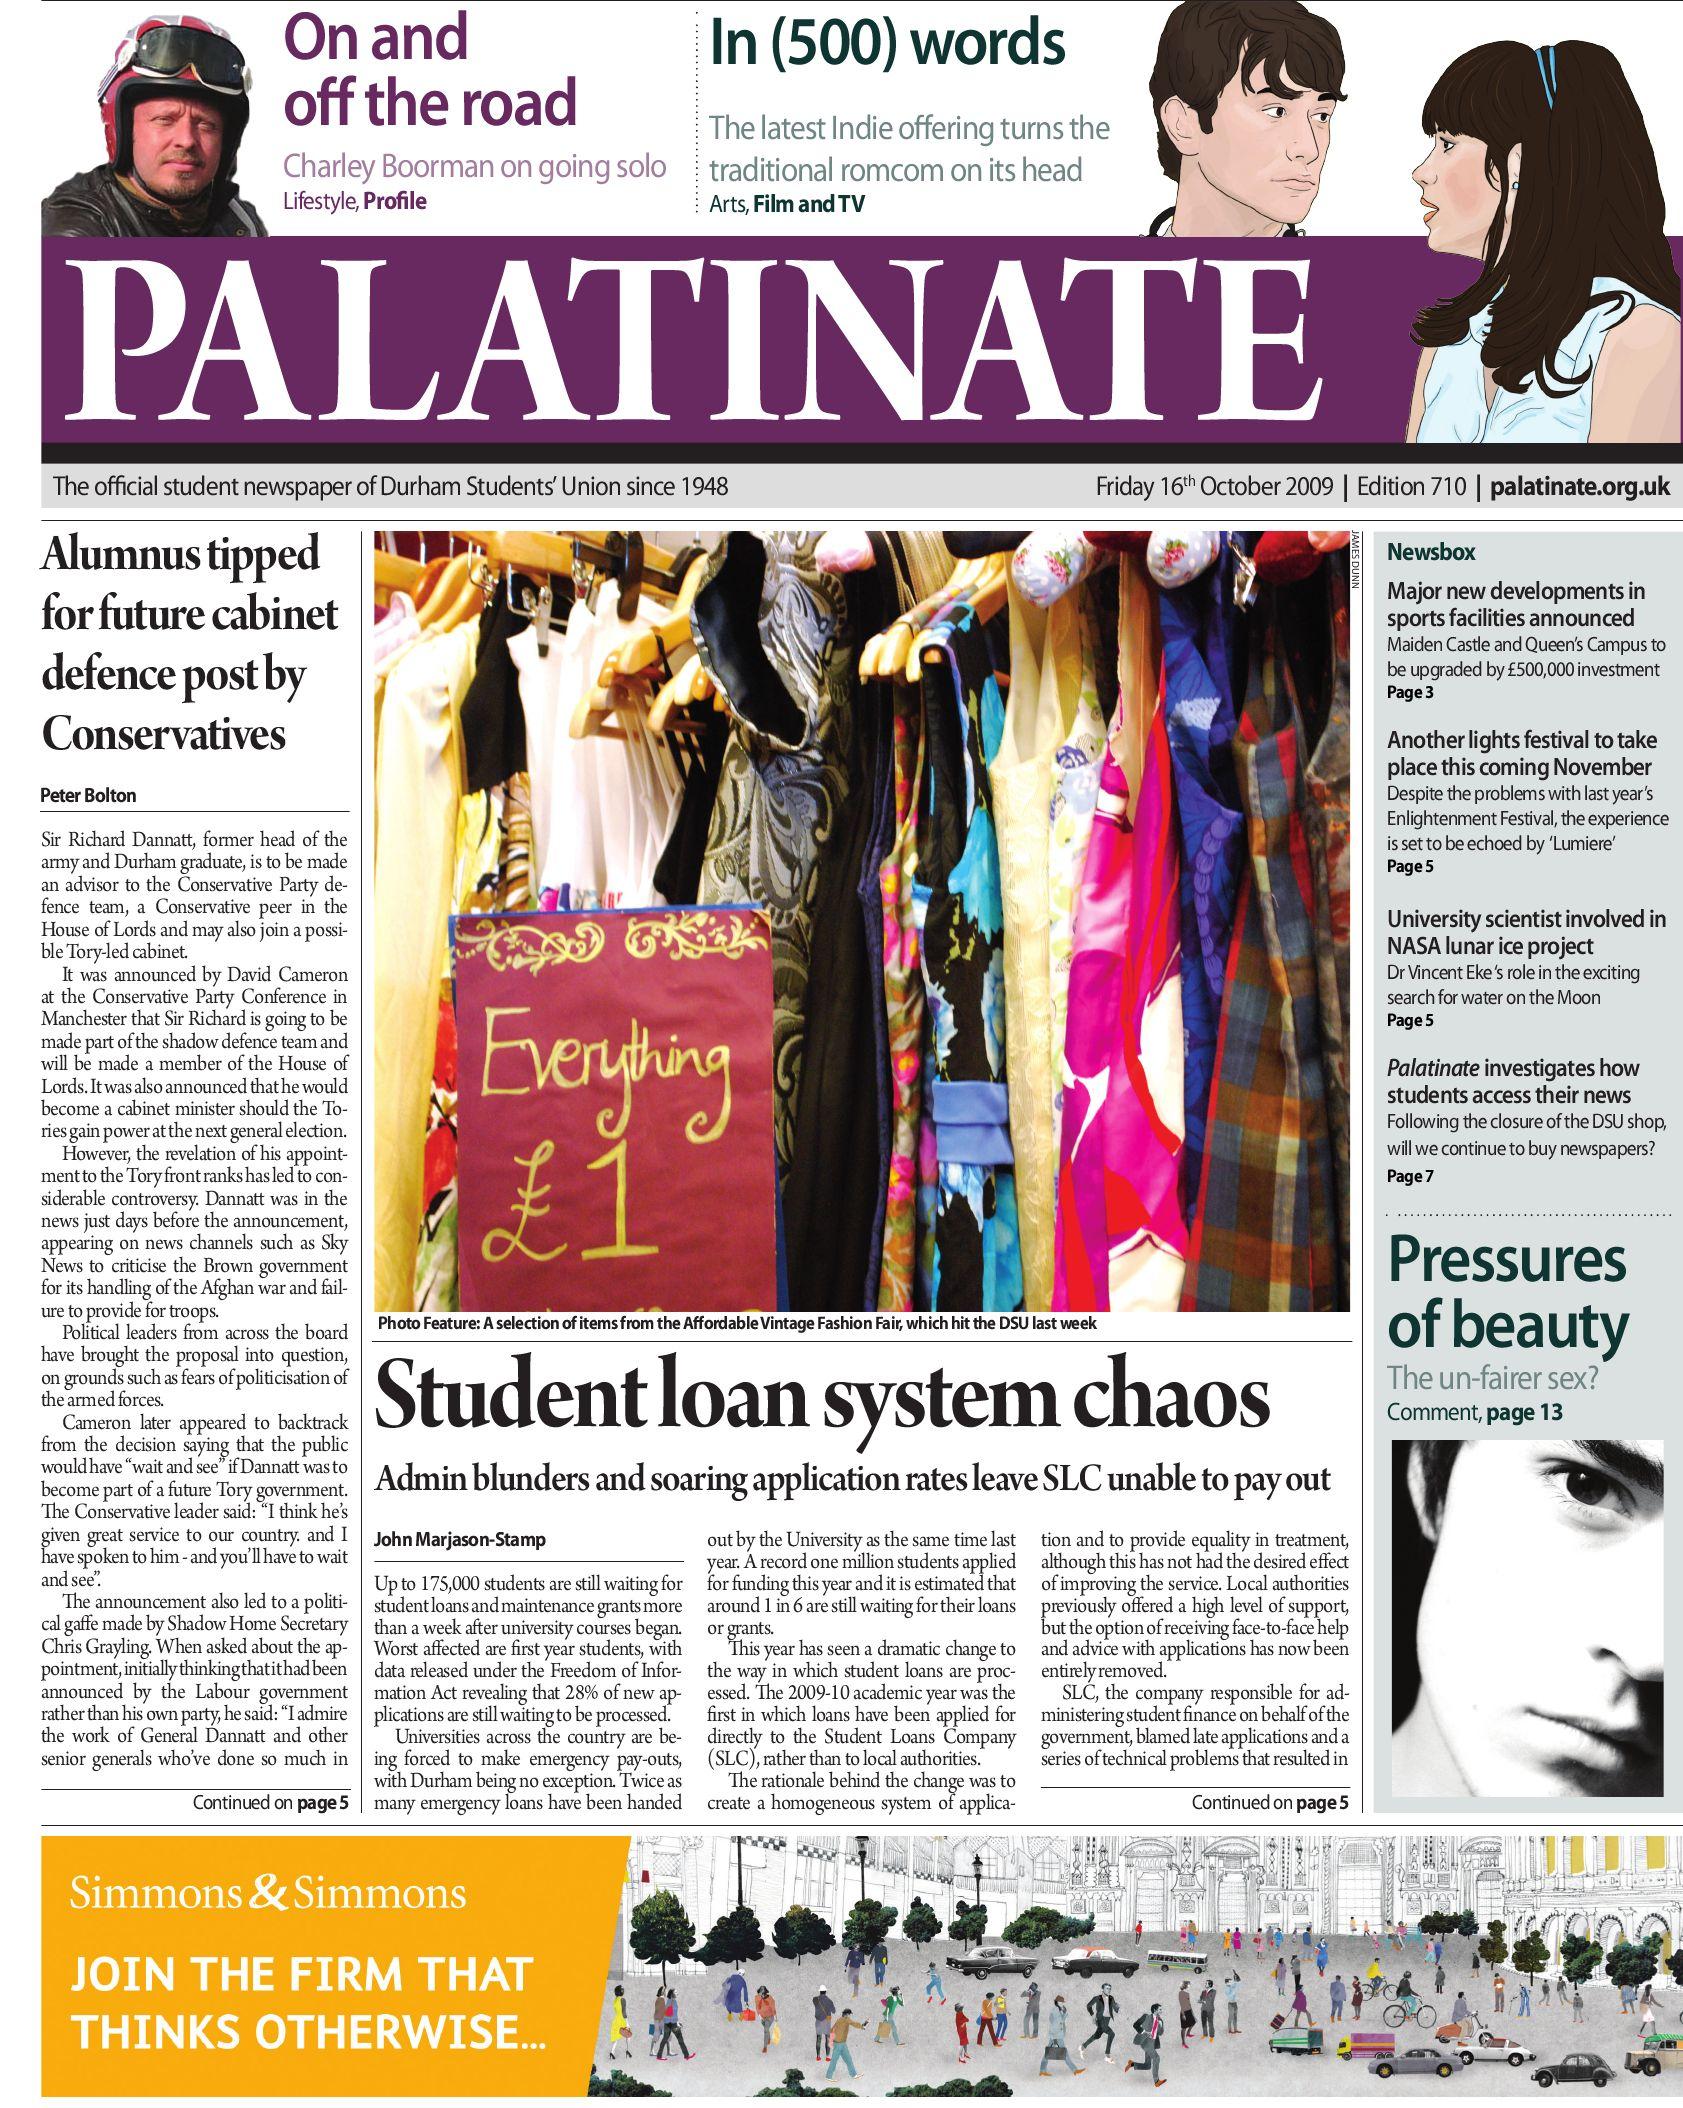 01996f8715e7 Palatinate Issue 710 by Palatinate - issuu